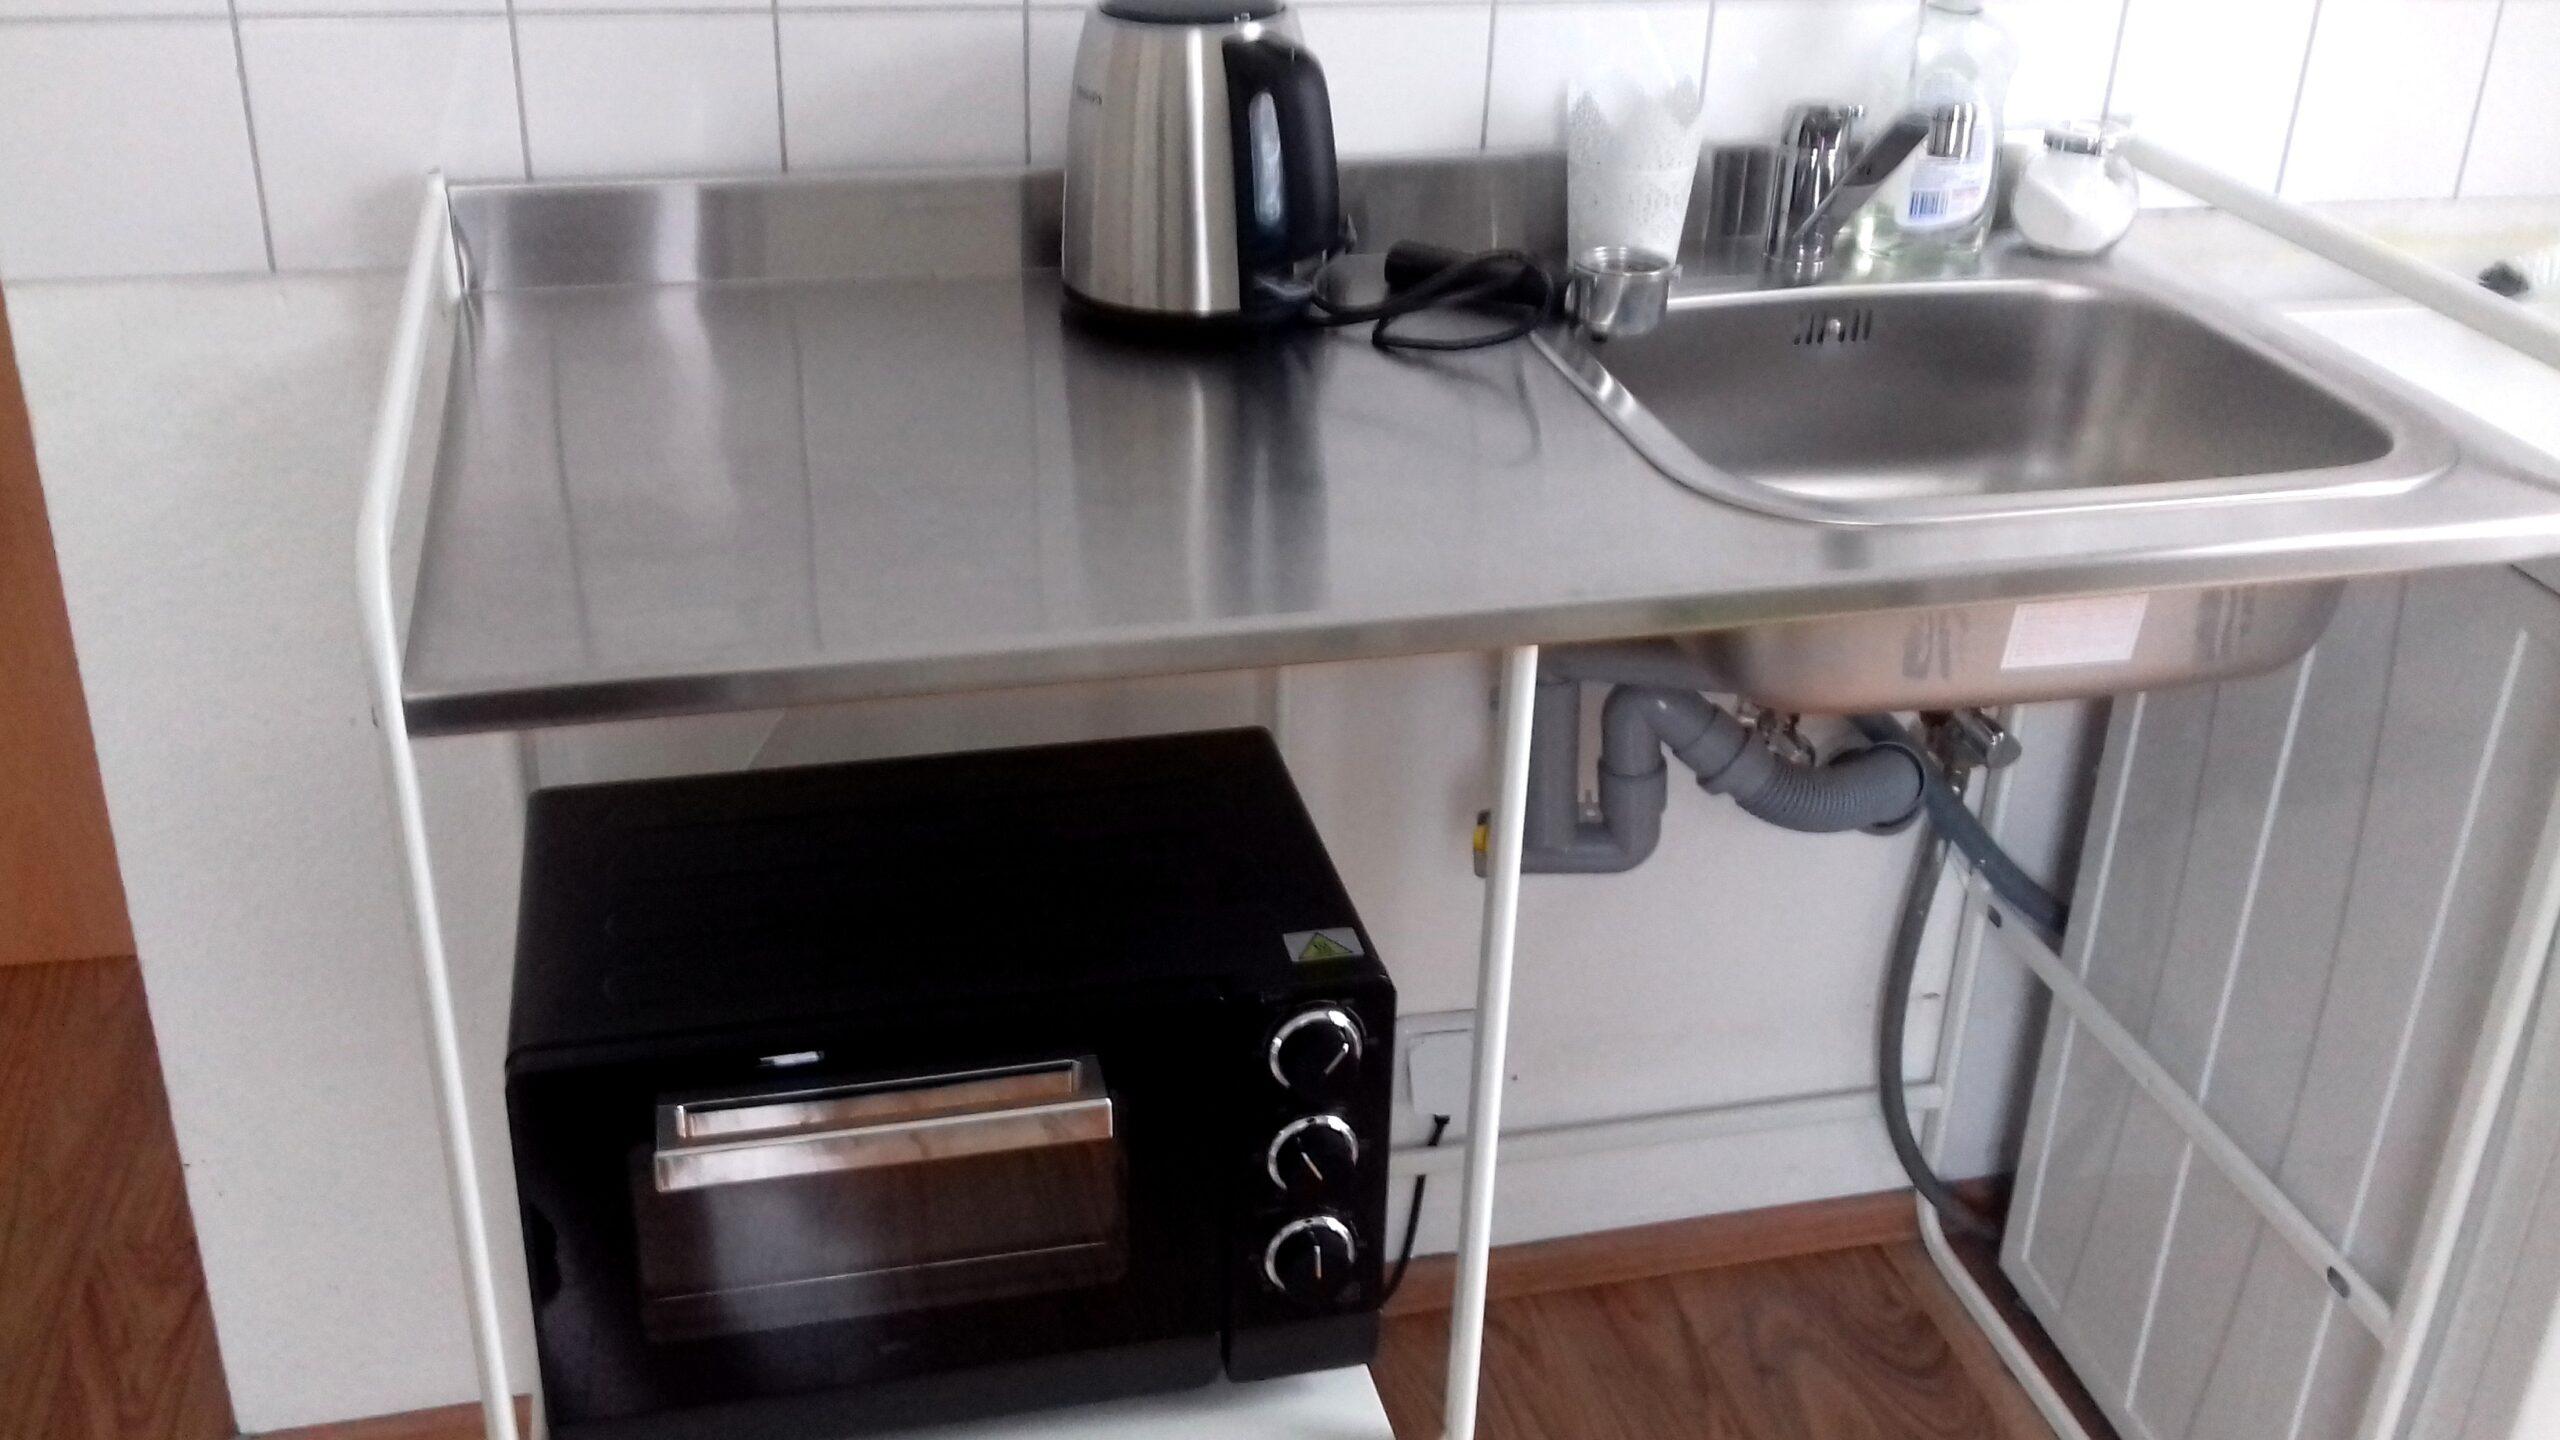 Full Size of Mobile Küche Ikea Meine Neue Kche Genial Einfach Sideboard Mit Arbeitsplatte Unterschränke Abfalleimer Tapeten Für Grau Hochglanz Holz Weiß Modul Modulare Wohnzimmer Mobile Küche Ikea